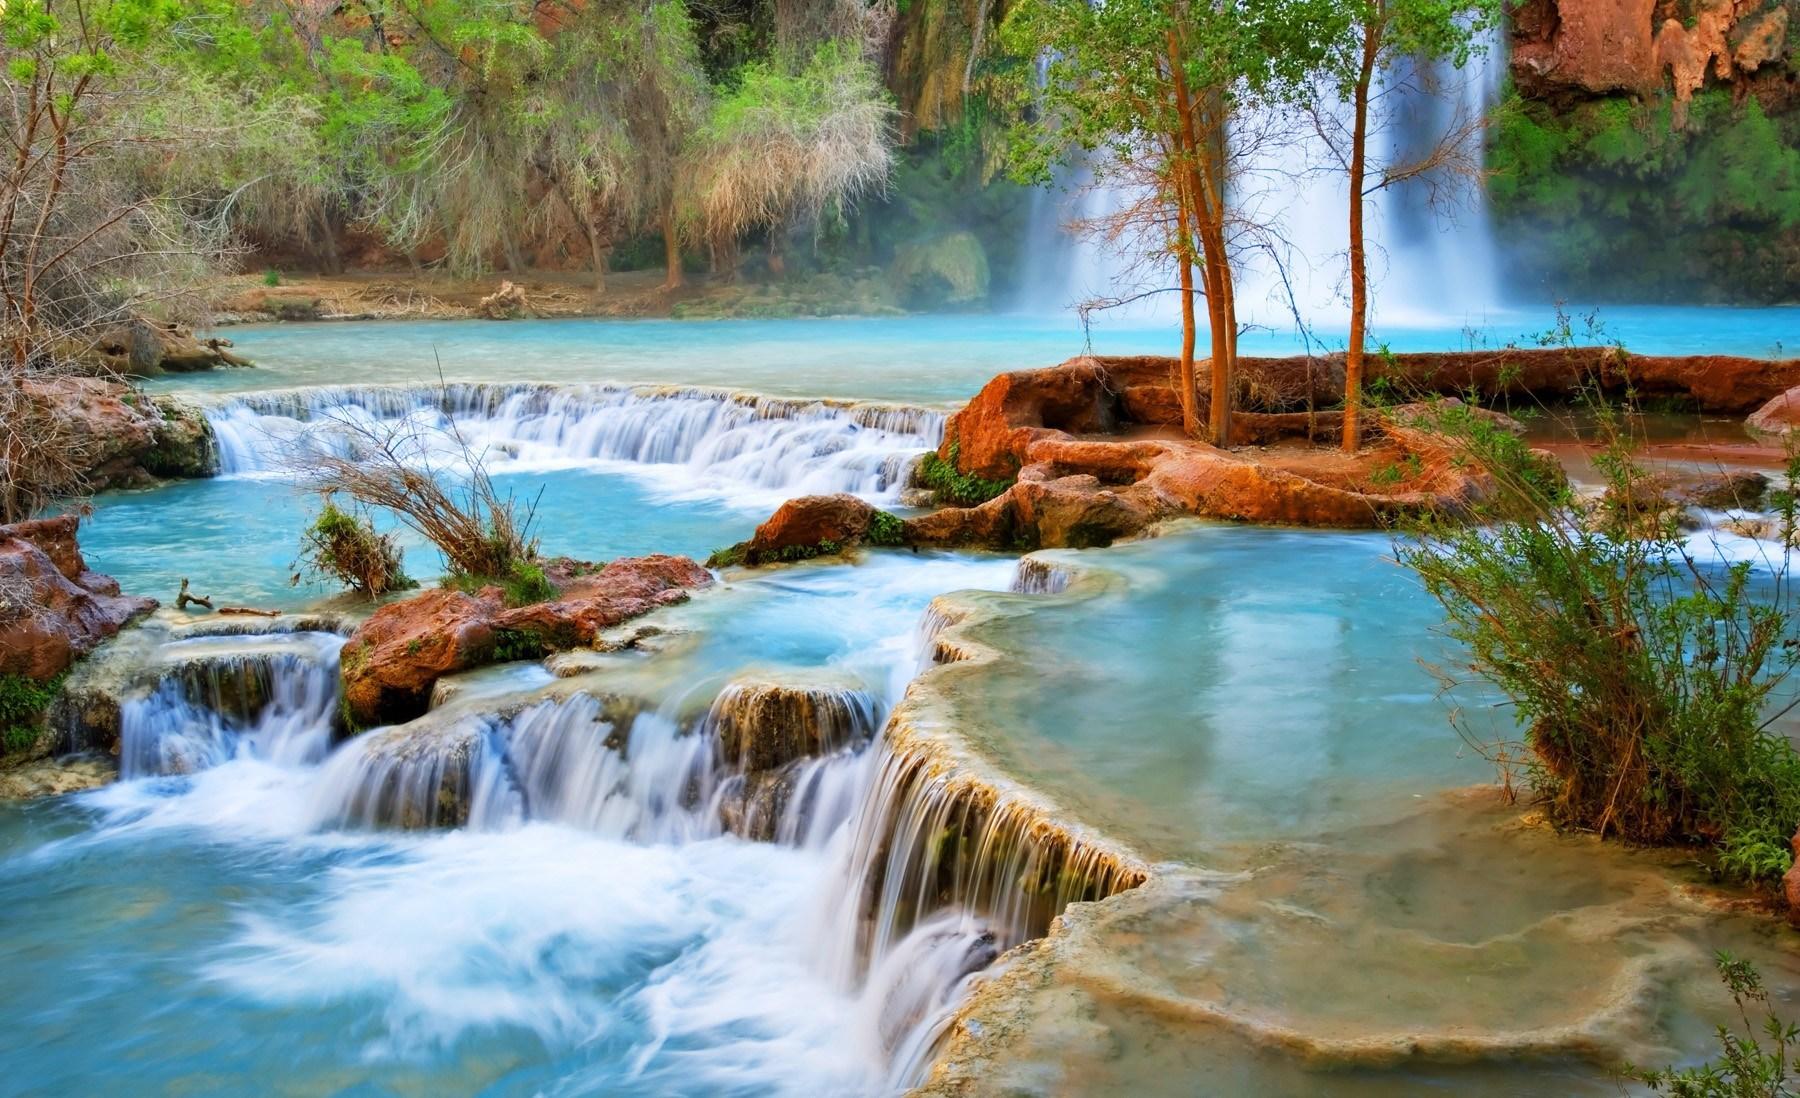 Hình ảnh phong cảnh thiên nhiên quanh thác nước